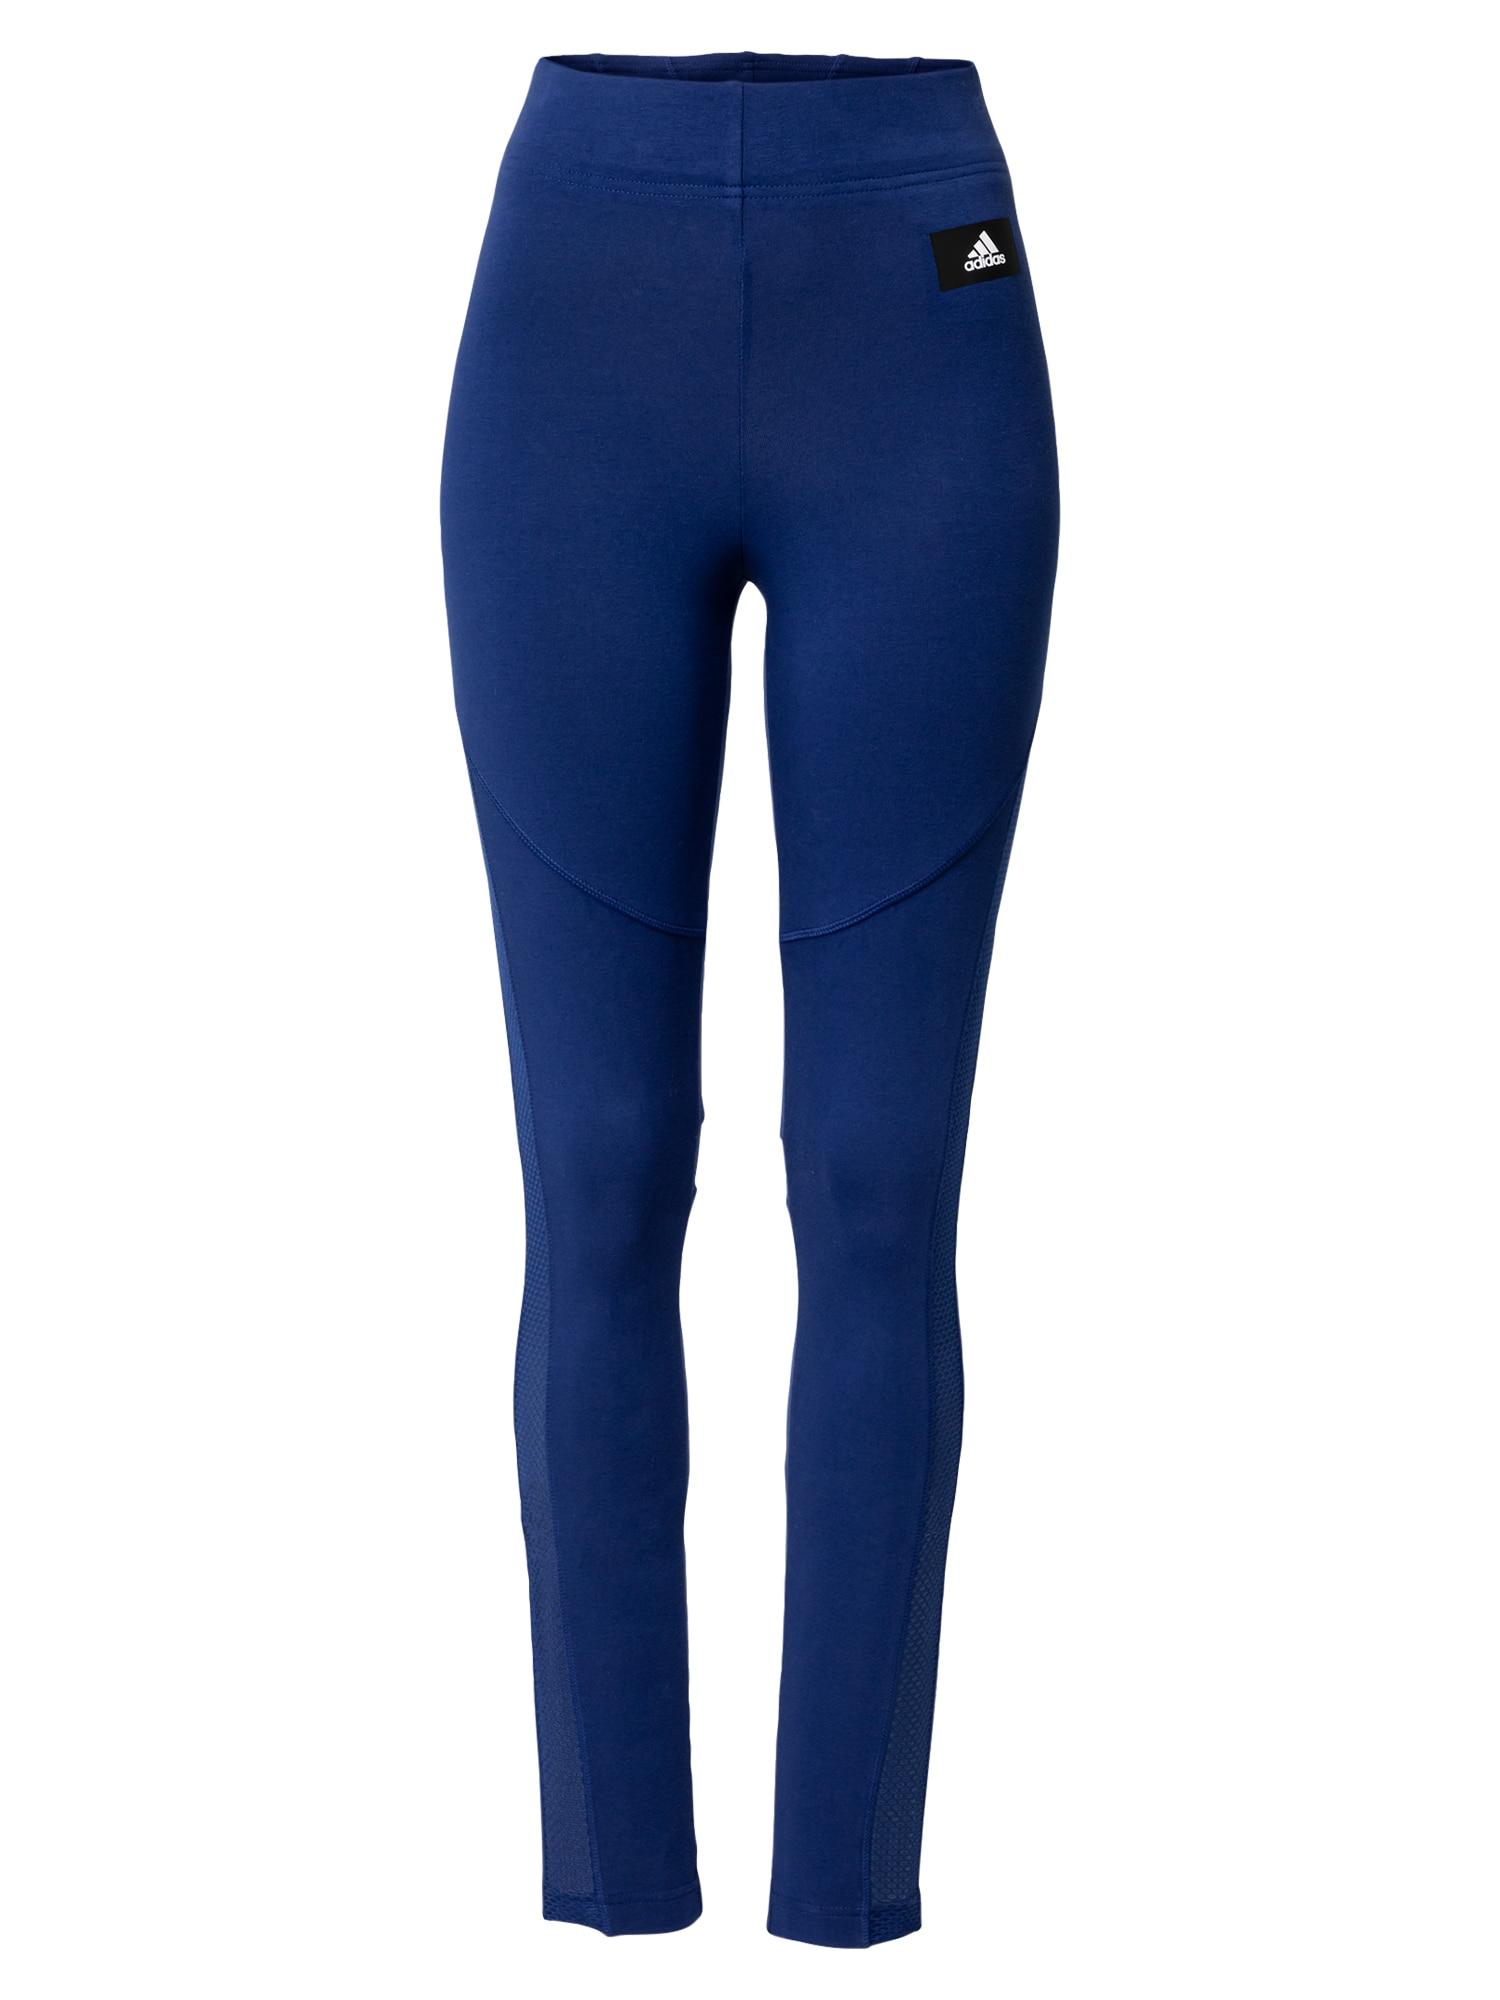 ADIDAS PERFORMANCE Sportovní kalhoty  modrá / černá / bílá